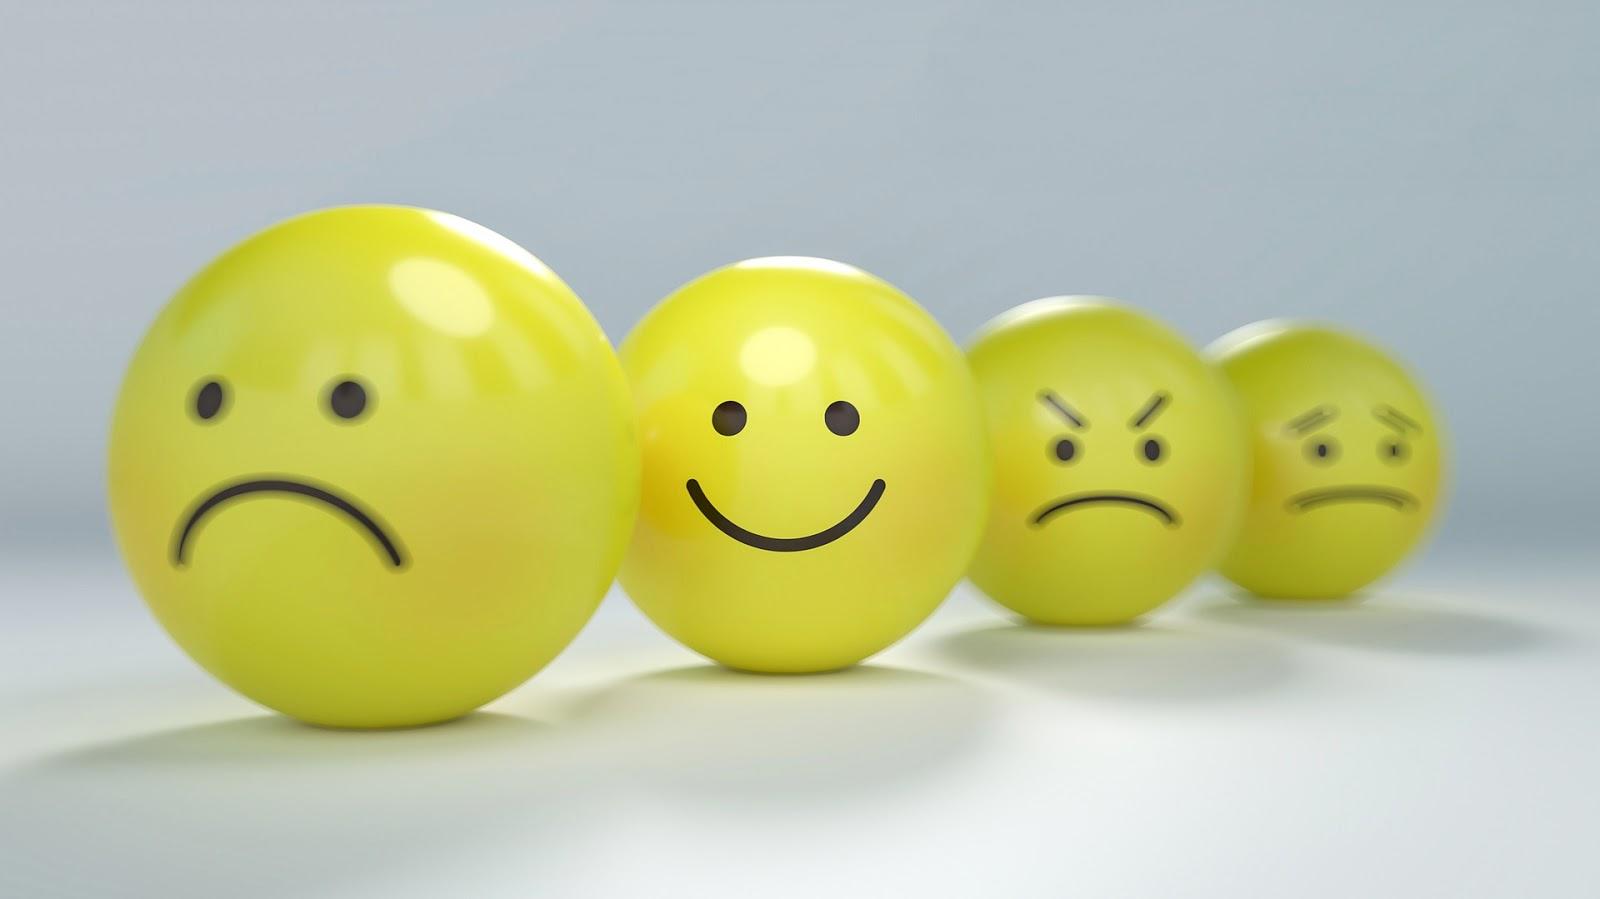 Mutluluk doğuştan verilen bir şans değildir